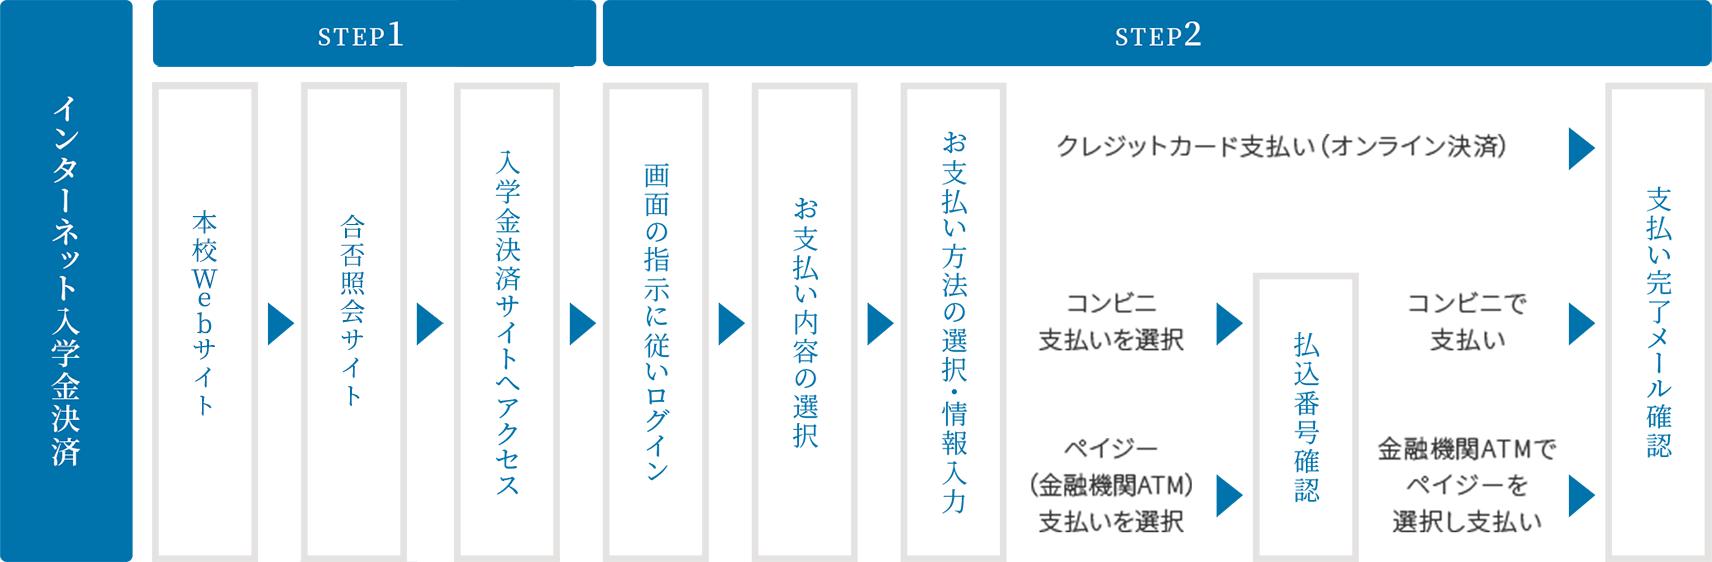 二次入試日程11/18~12/4